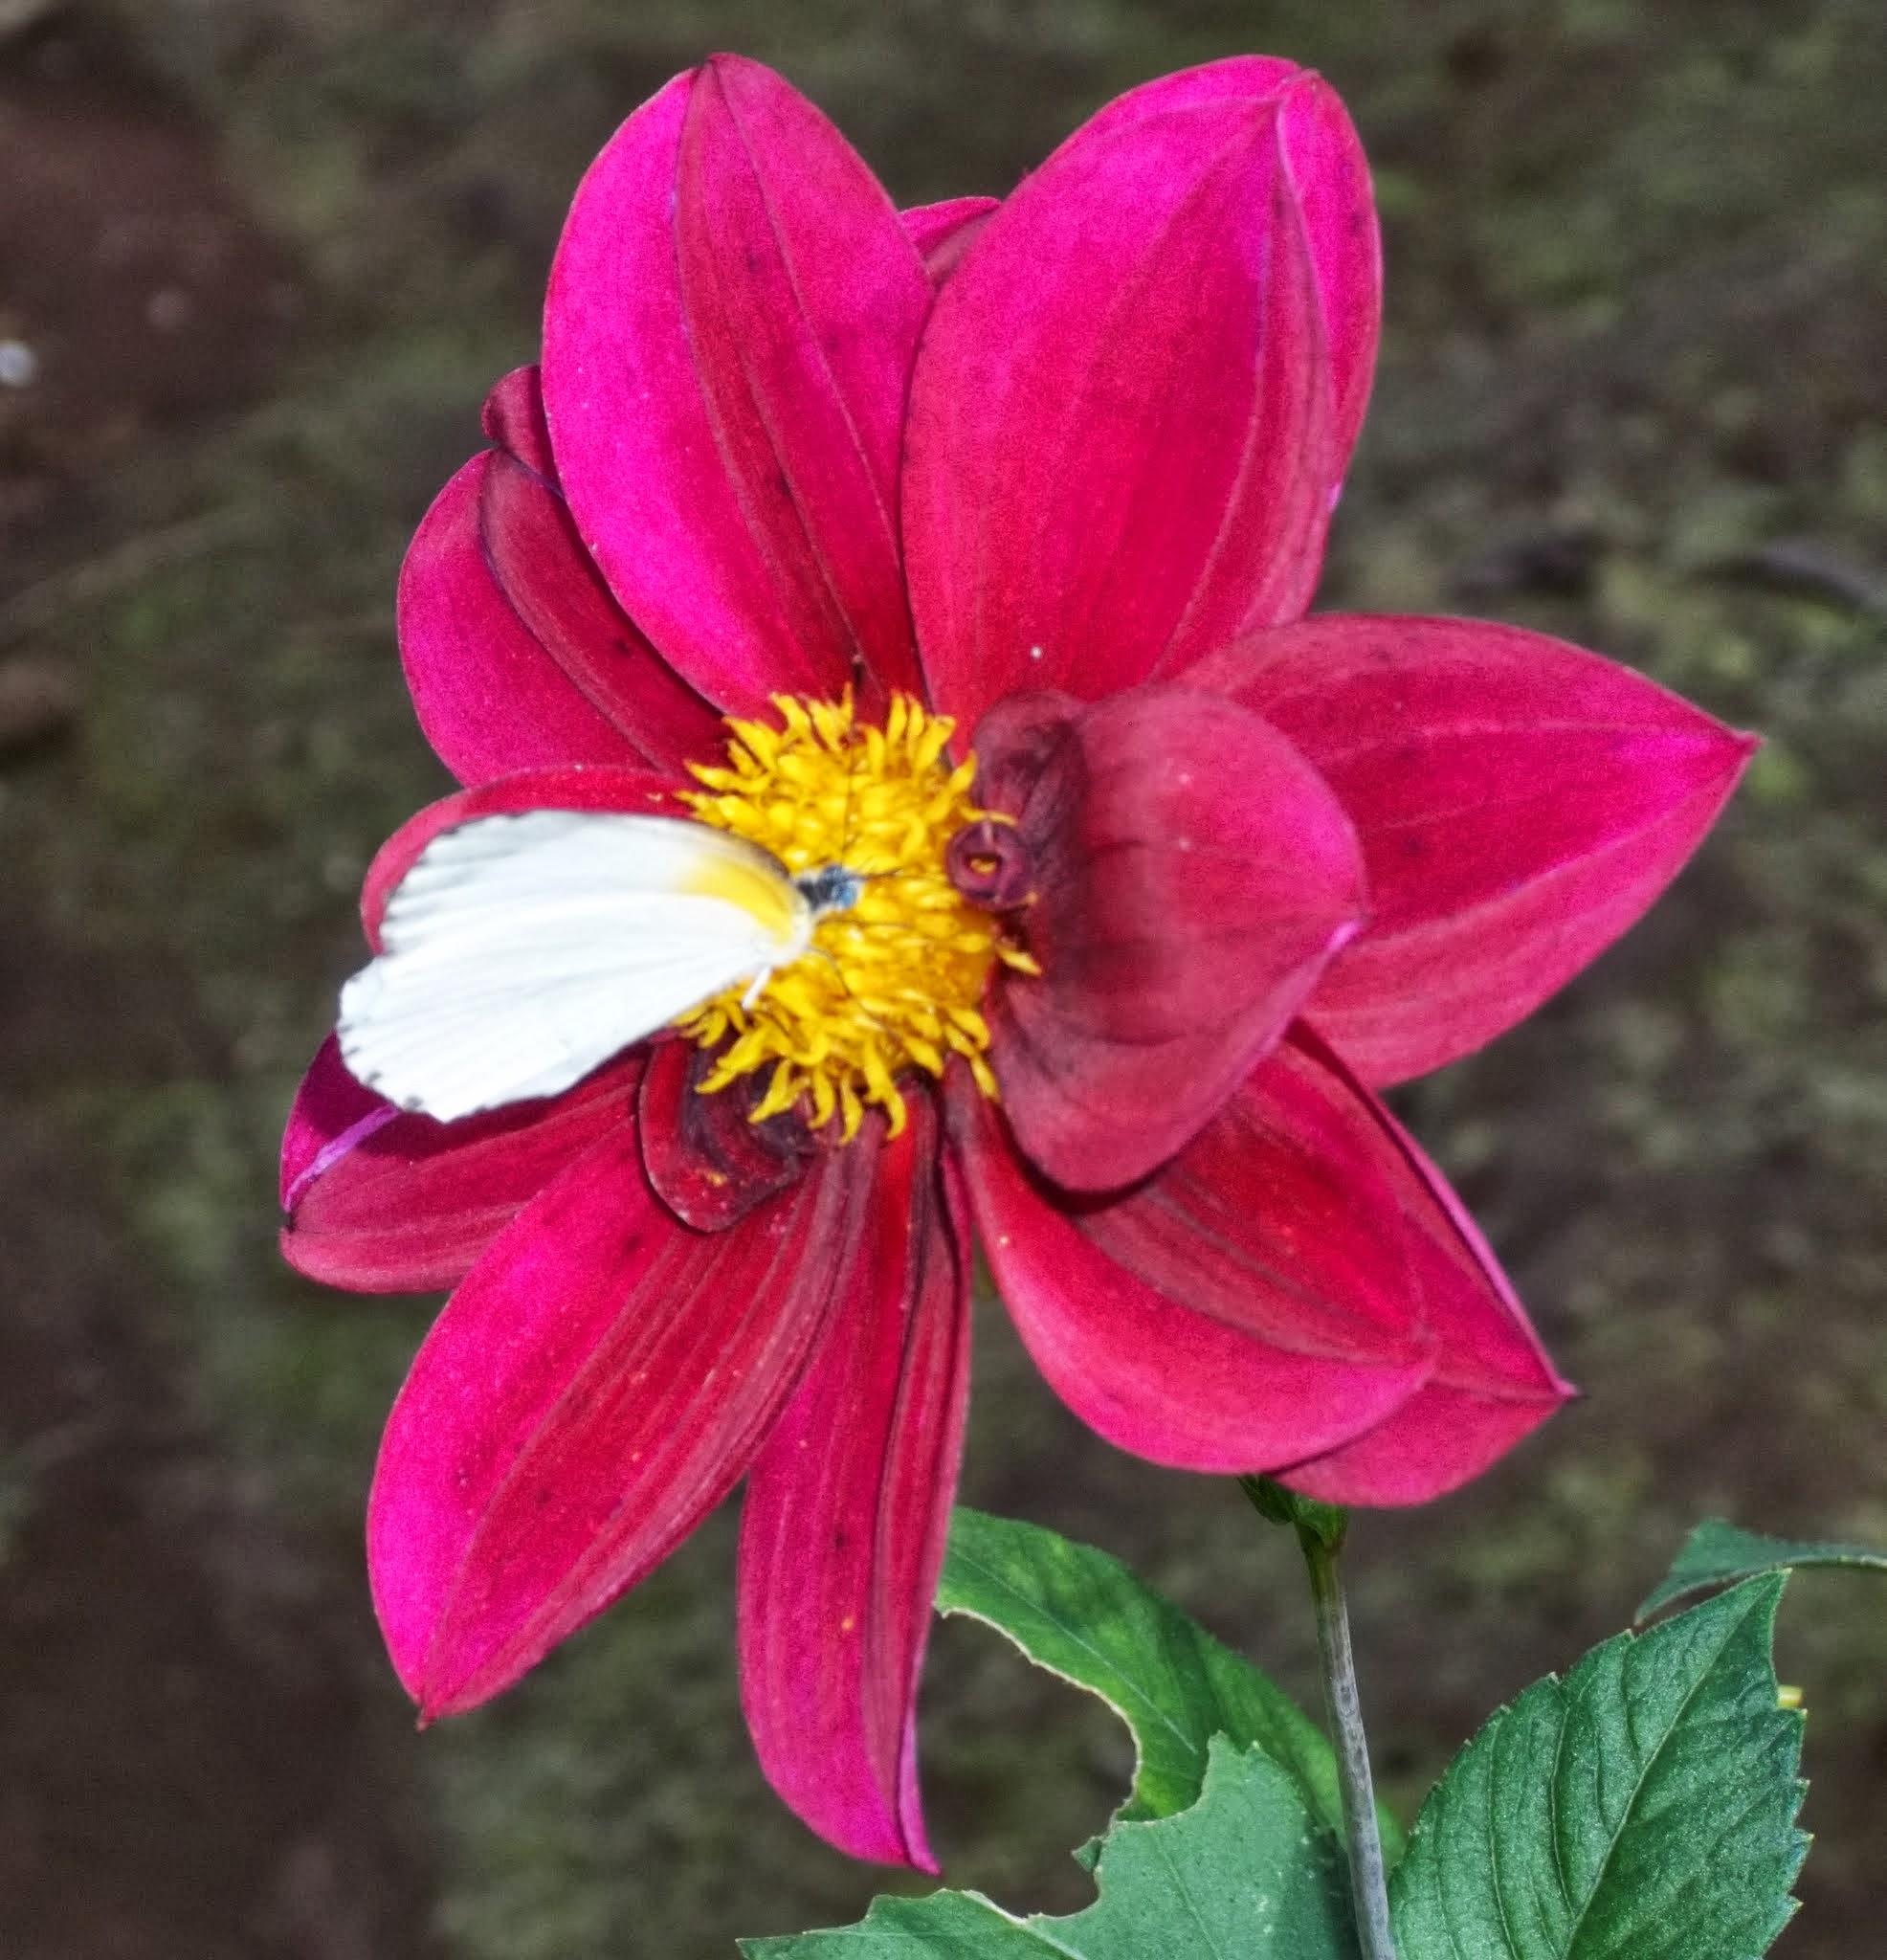 file:un papillon sur une fleur - wikimedia commons